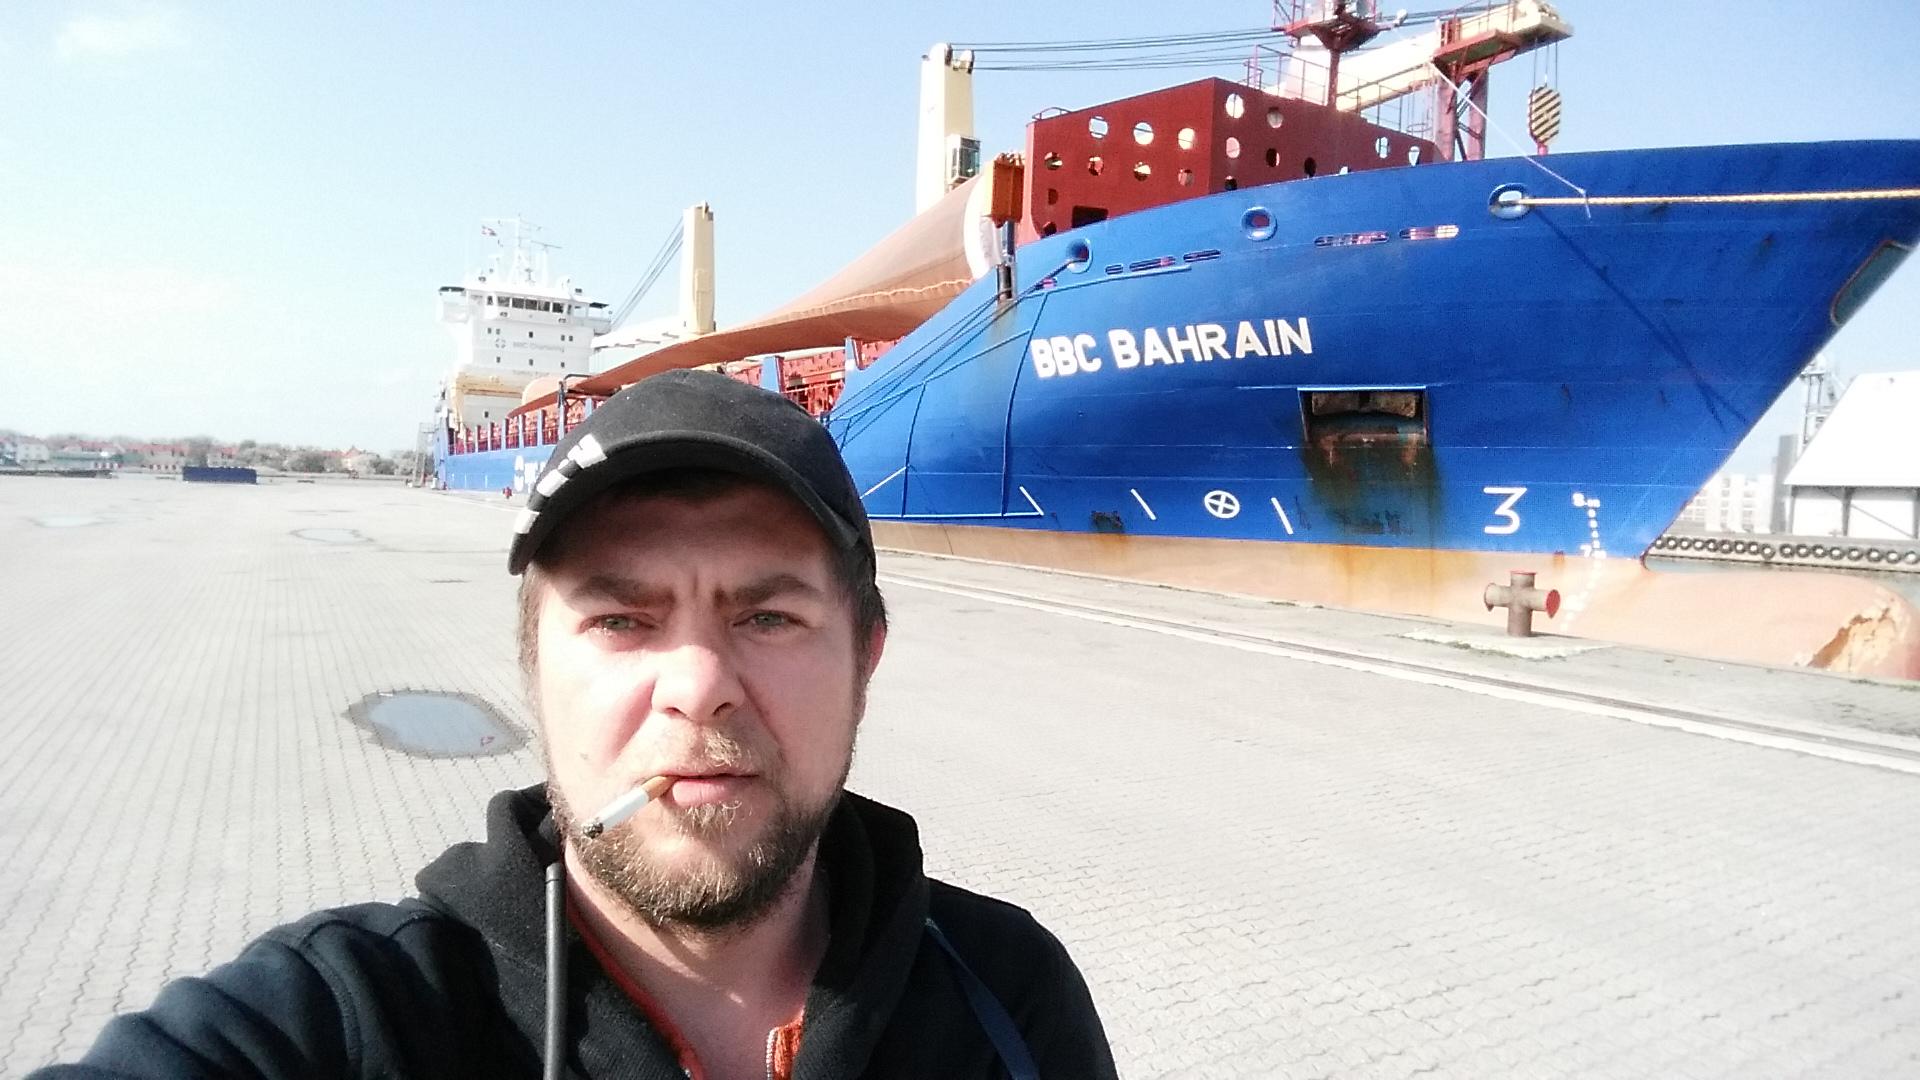 Украинский моряк ищет работу доска объявлений якт ру доска объявлений якутск